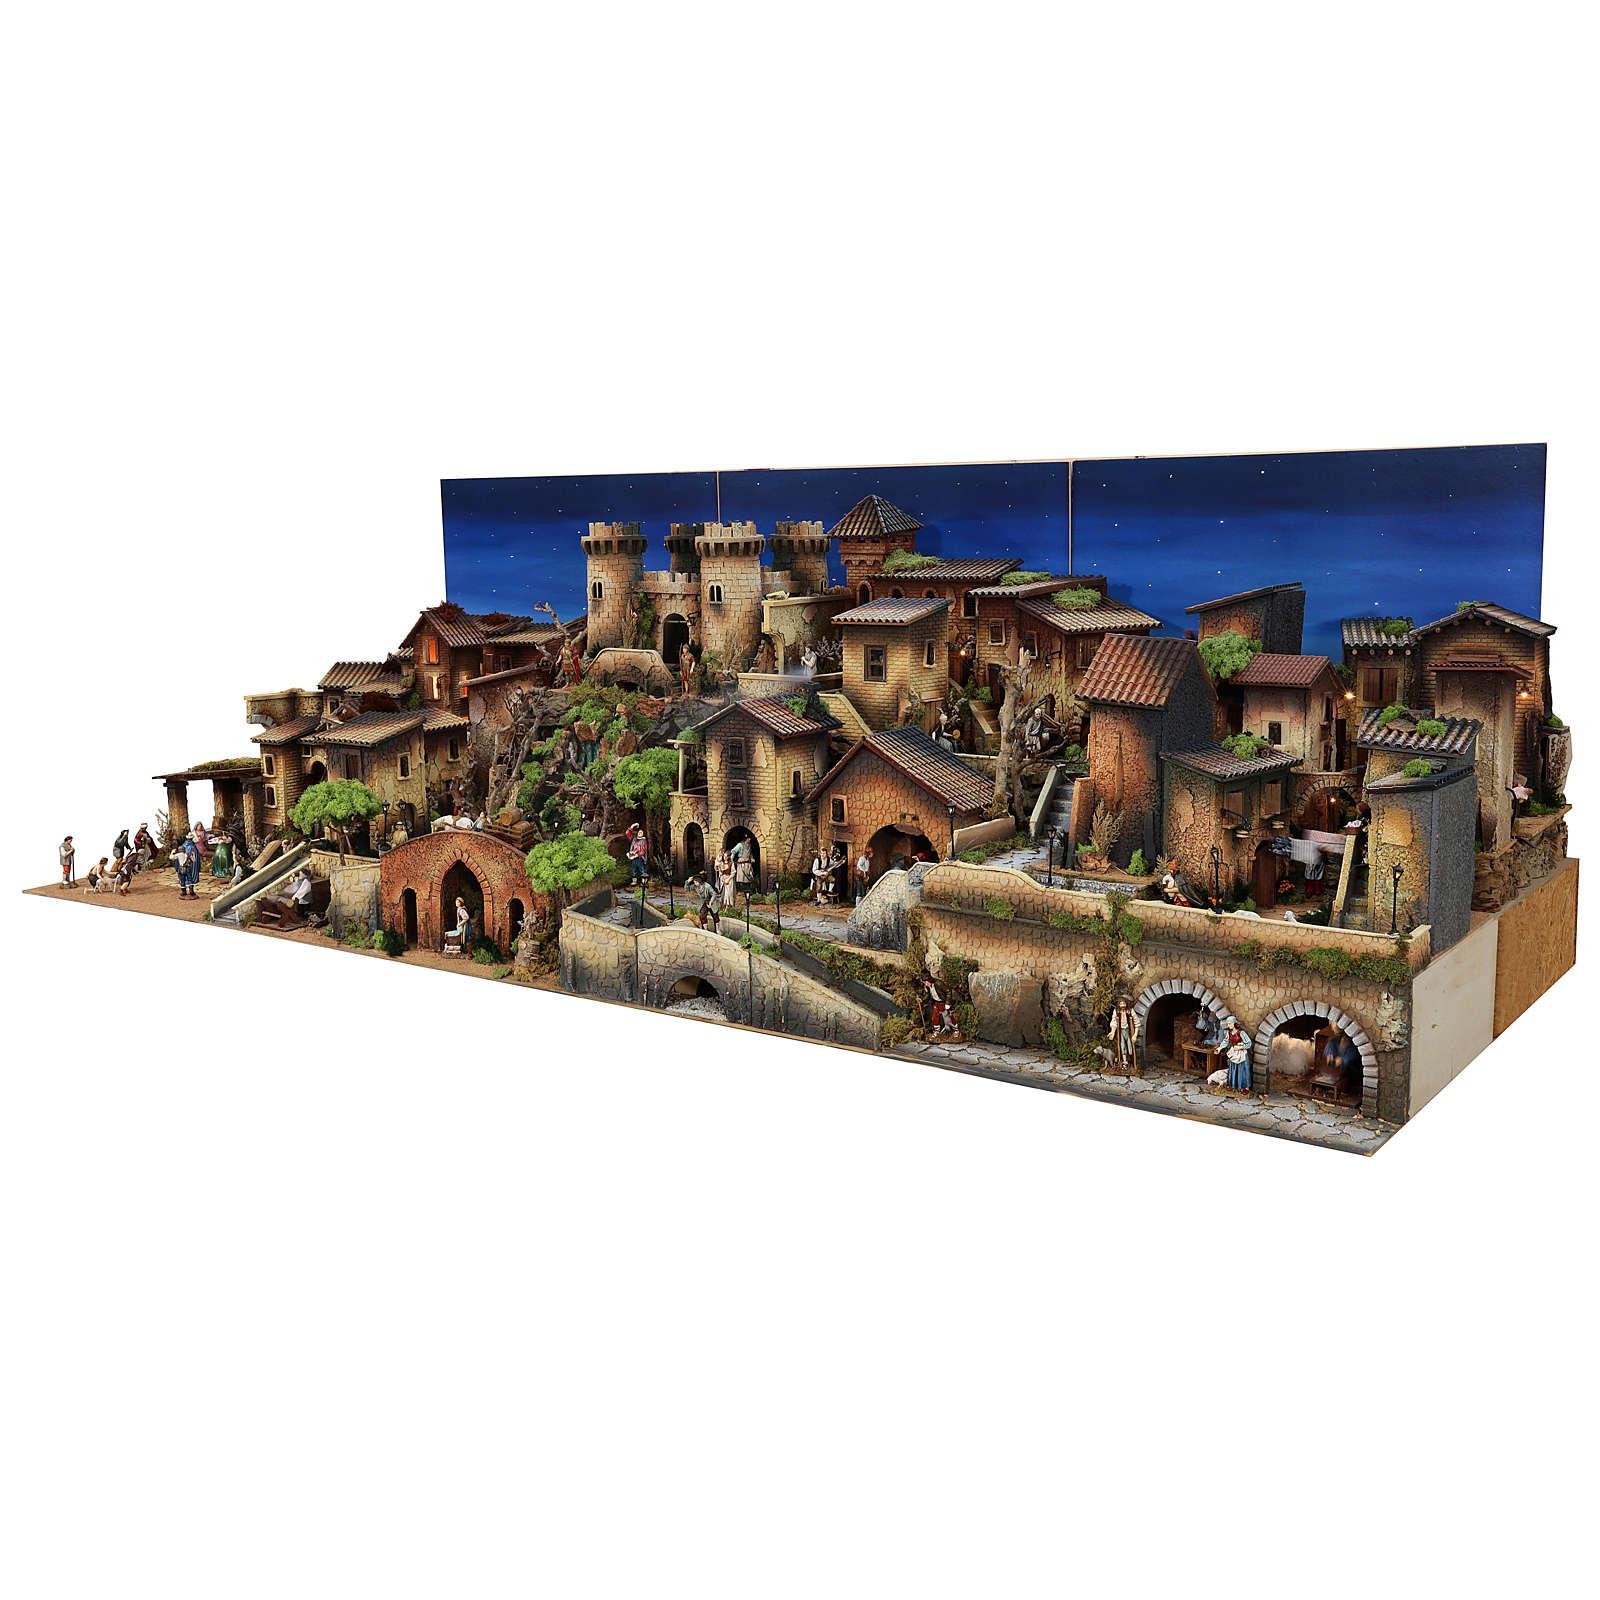 Presepe completo popolare 100x320x120 cm statue Moranduzzo 8 moduli 4